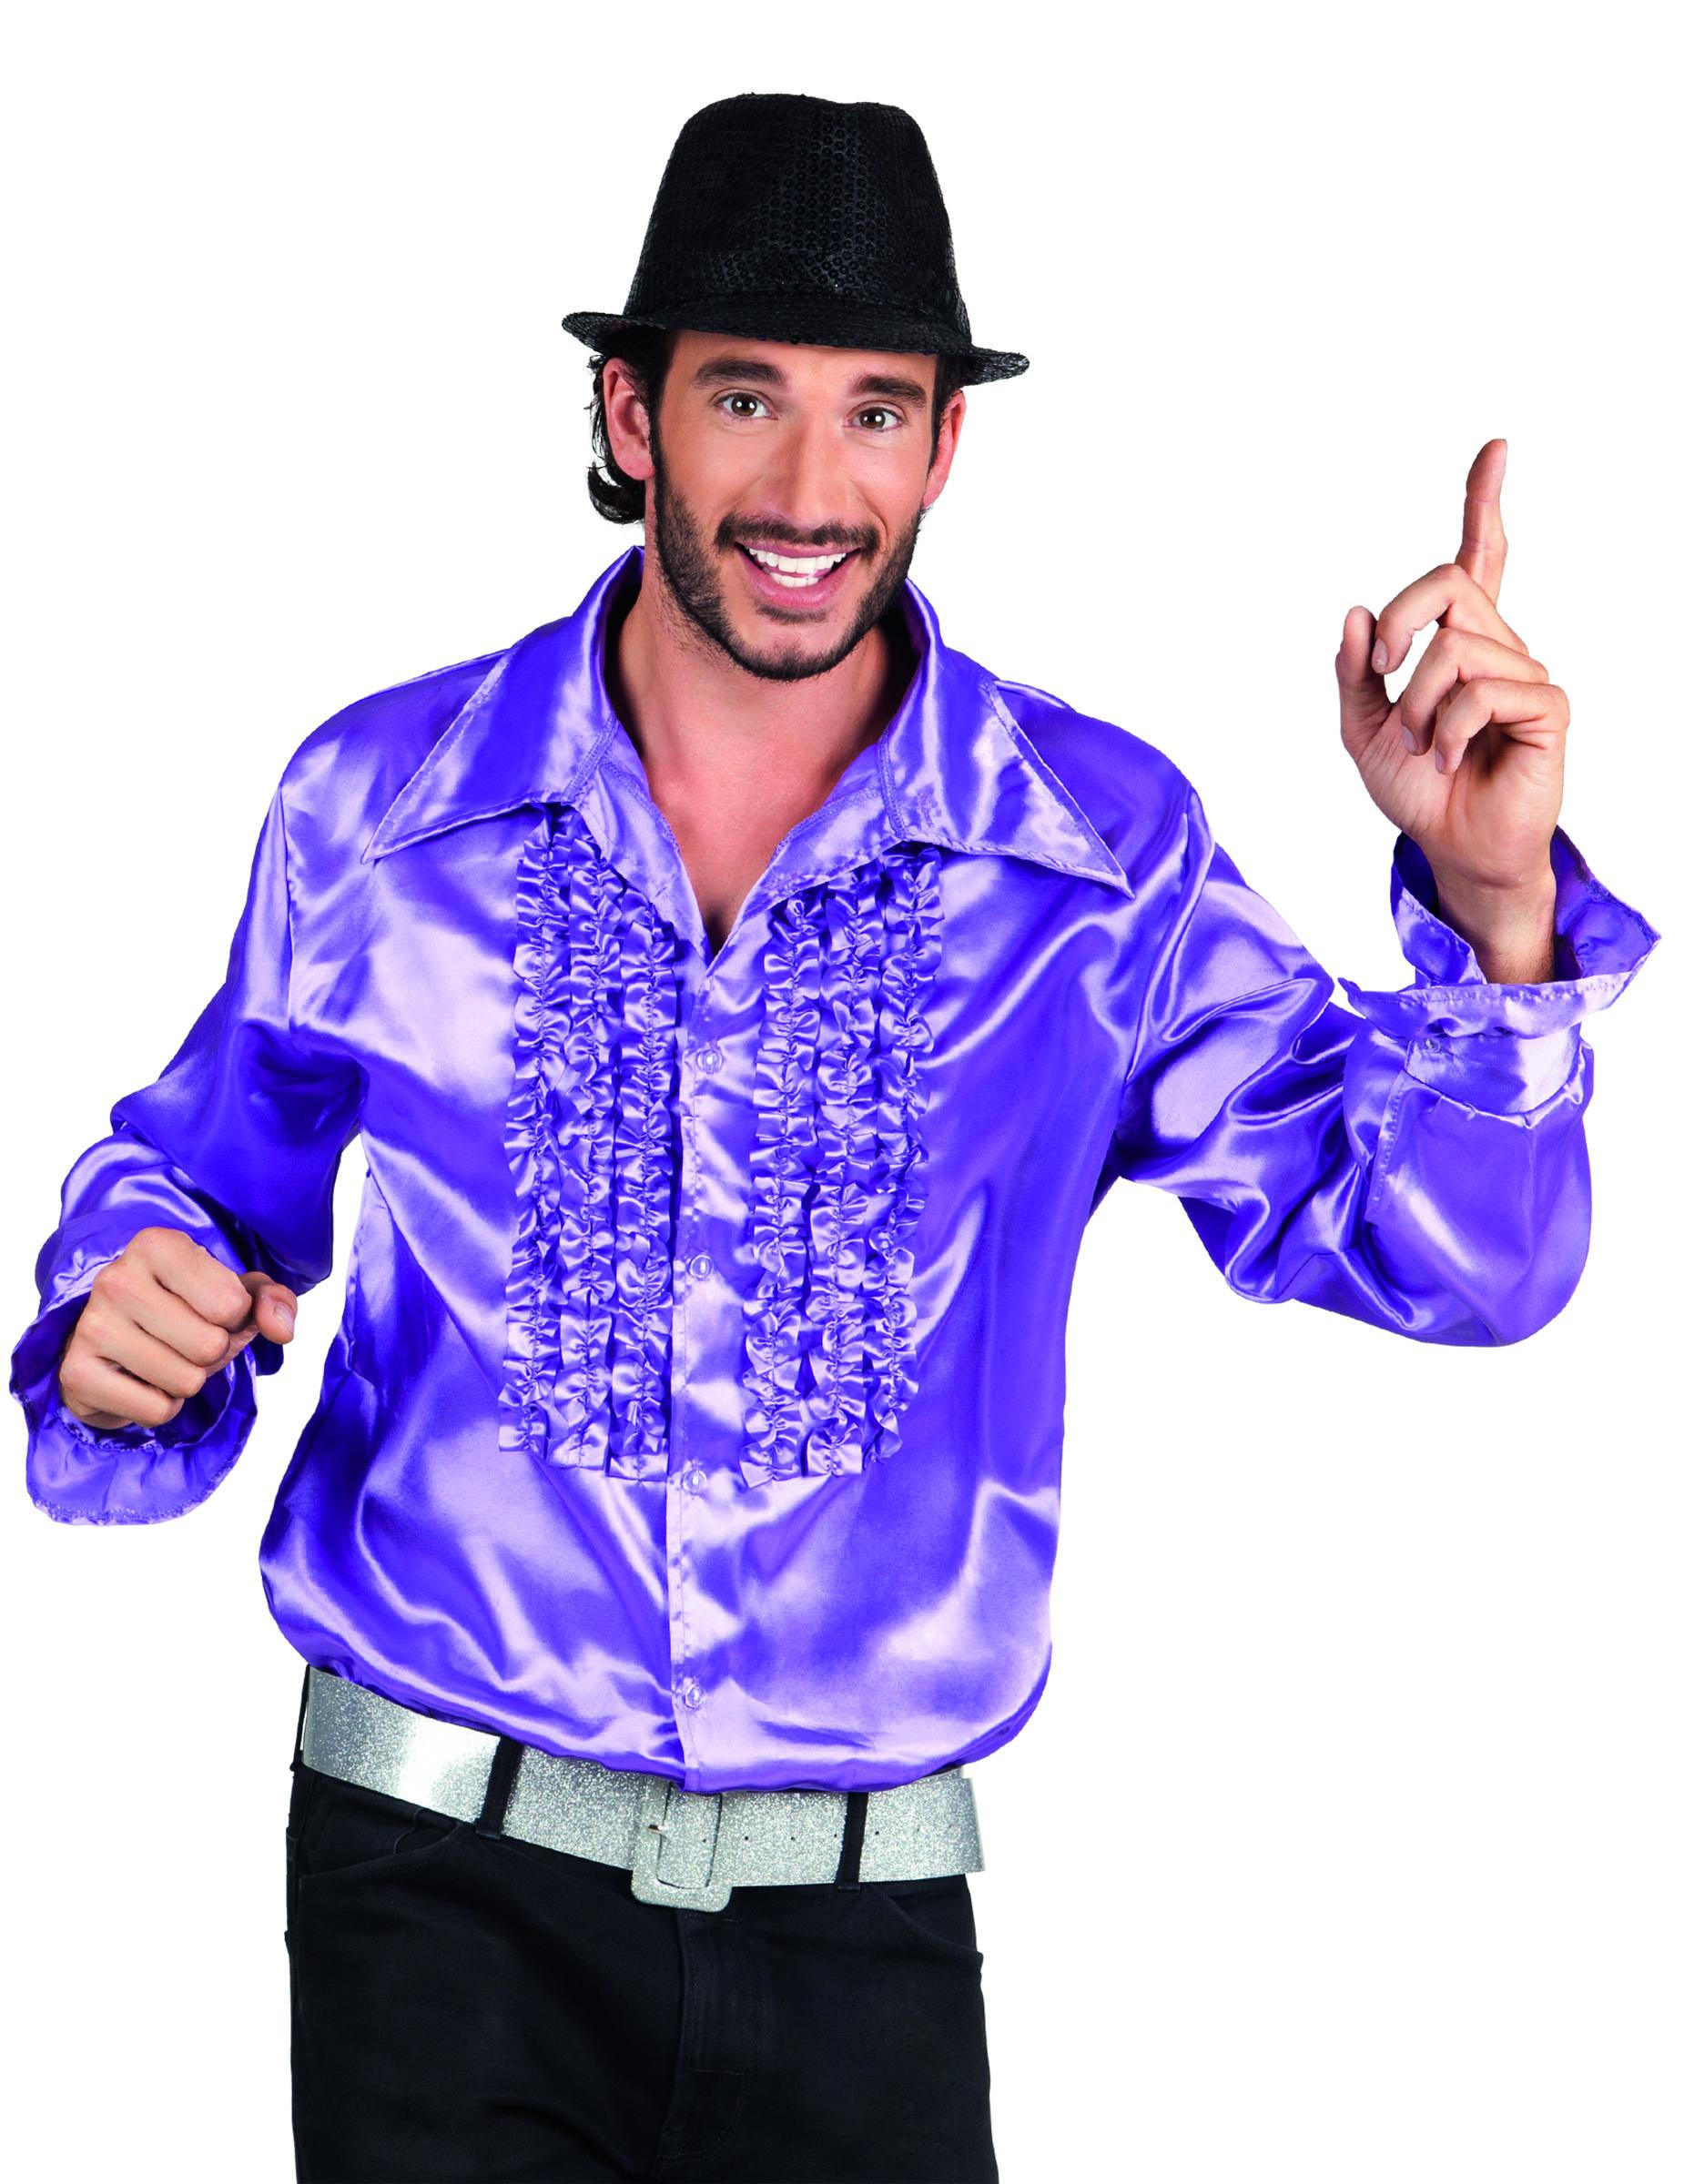 chemise disco violette homme achat de d guisements. Black Bedroom Furniture Sets. Home Design Ideas